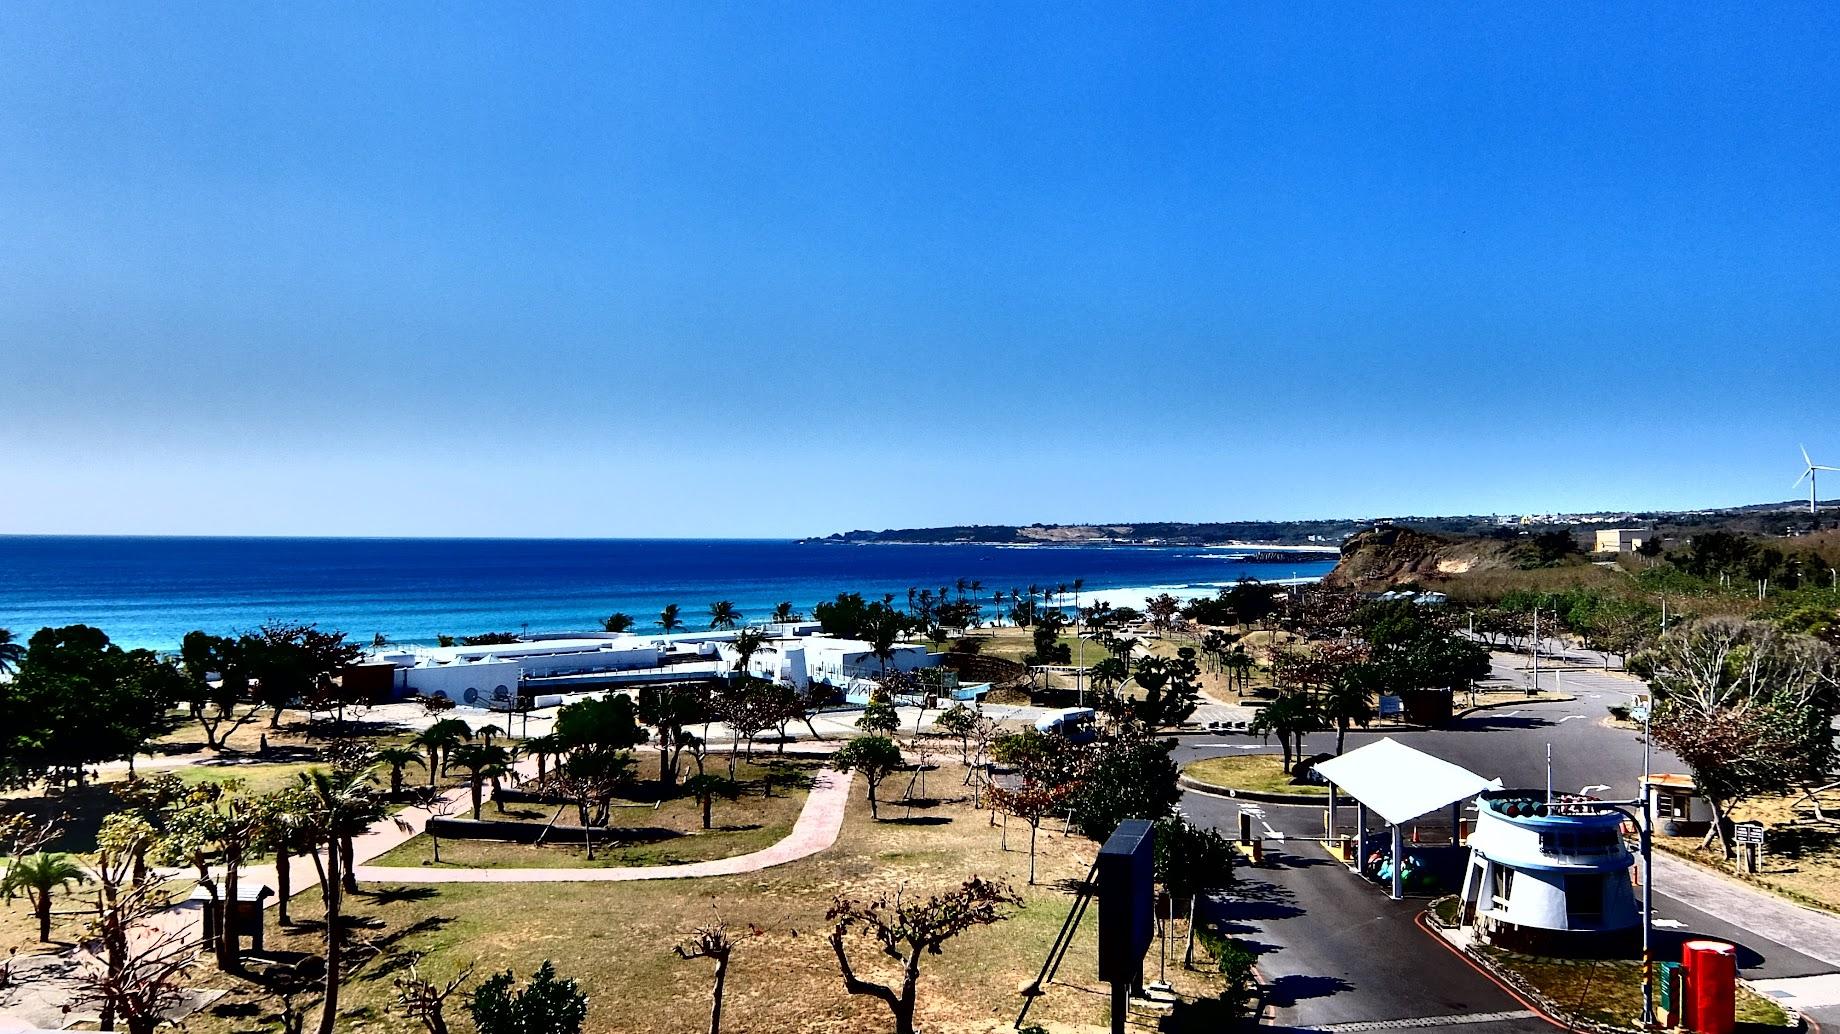 先來一張從民宿照下去的風景,這邊就是南灣,右邊是停車場入口,走到底就可以看到整片海